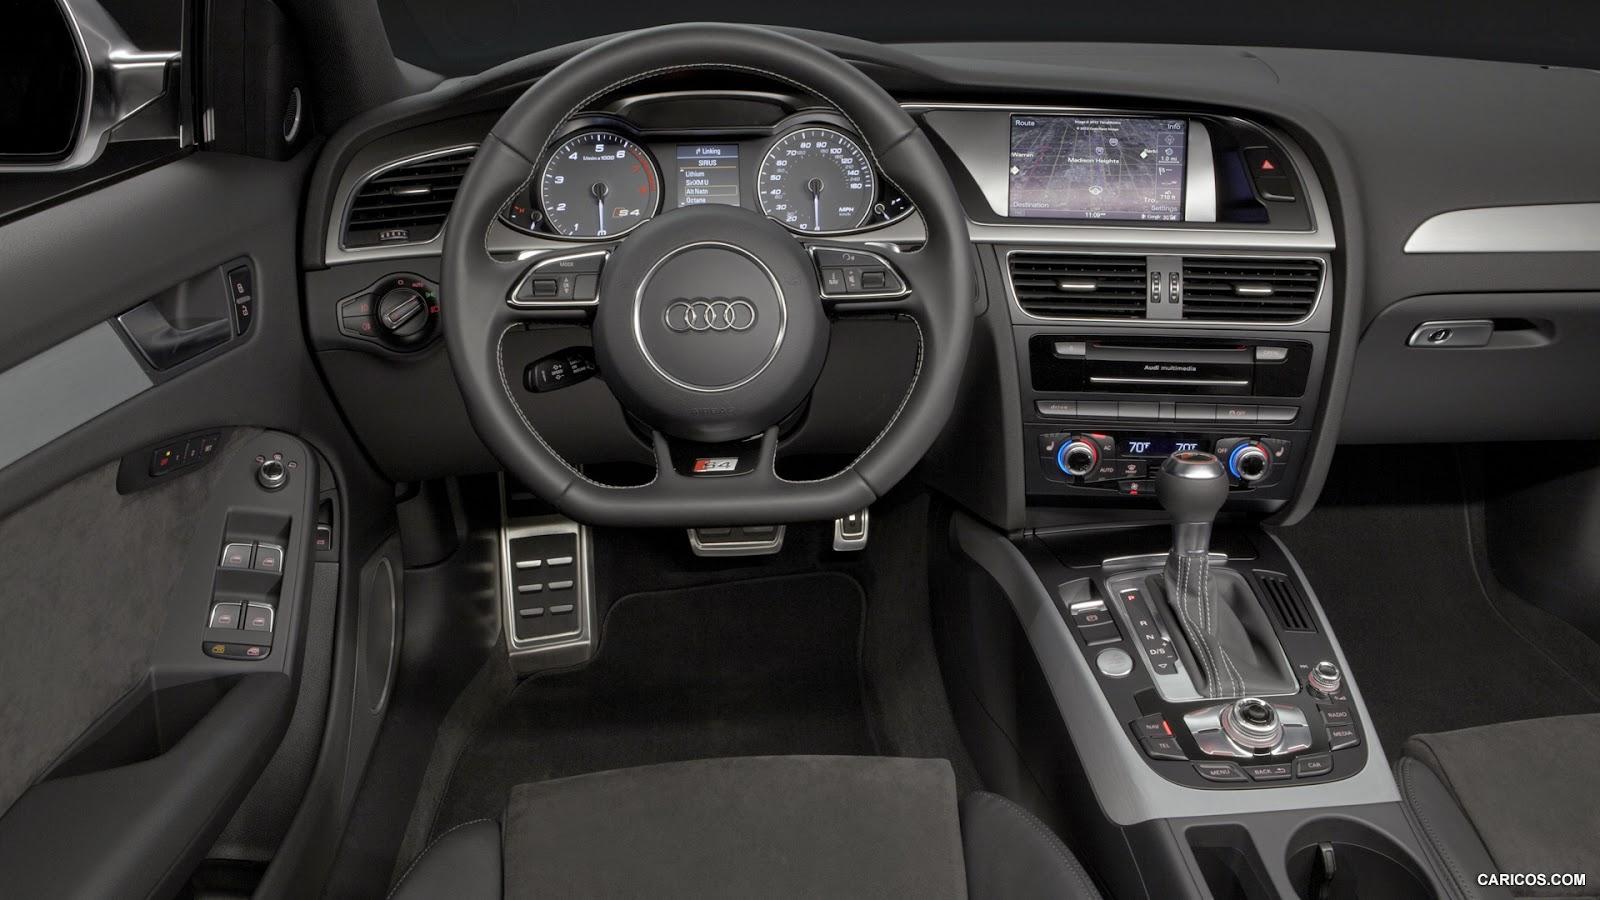 2013 Audi S4 Interior